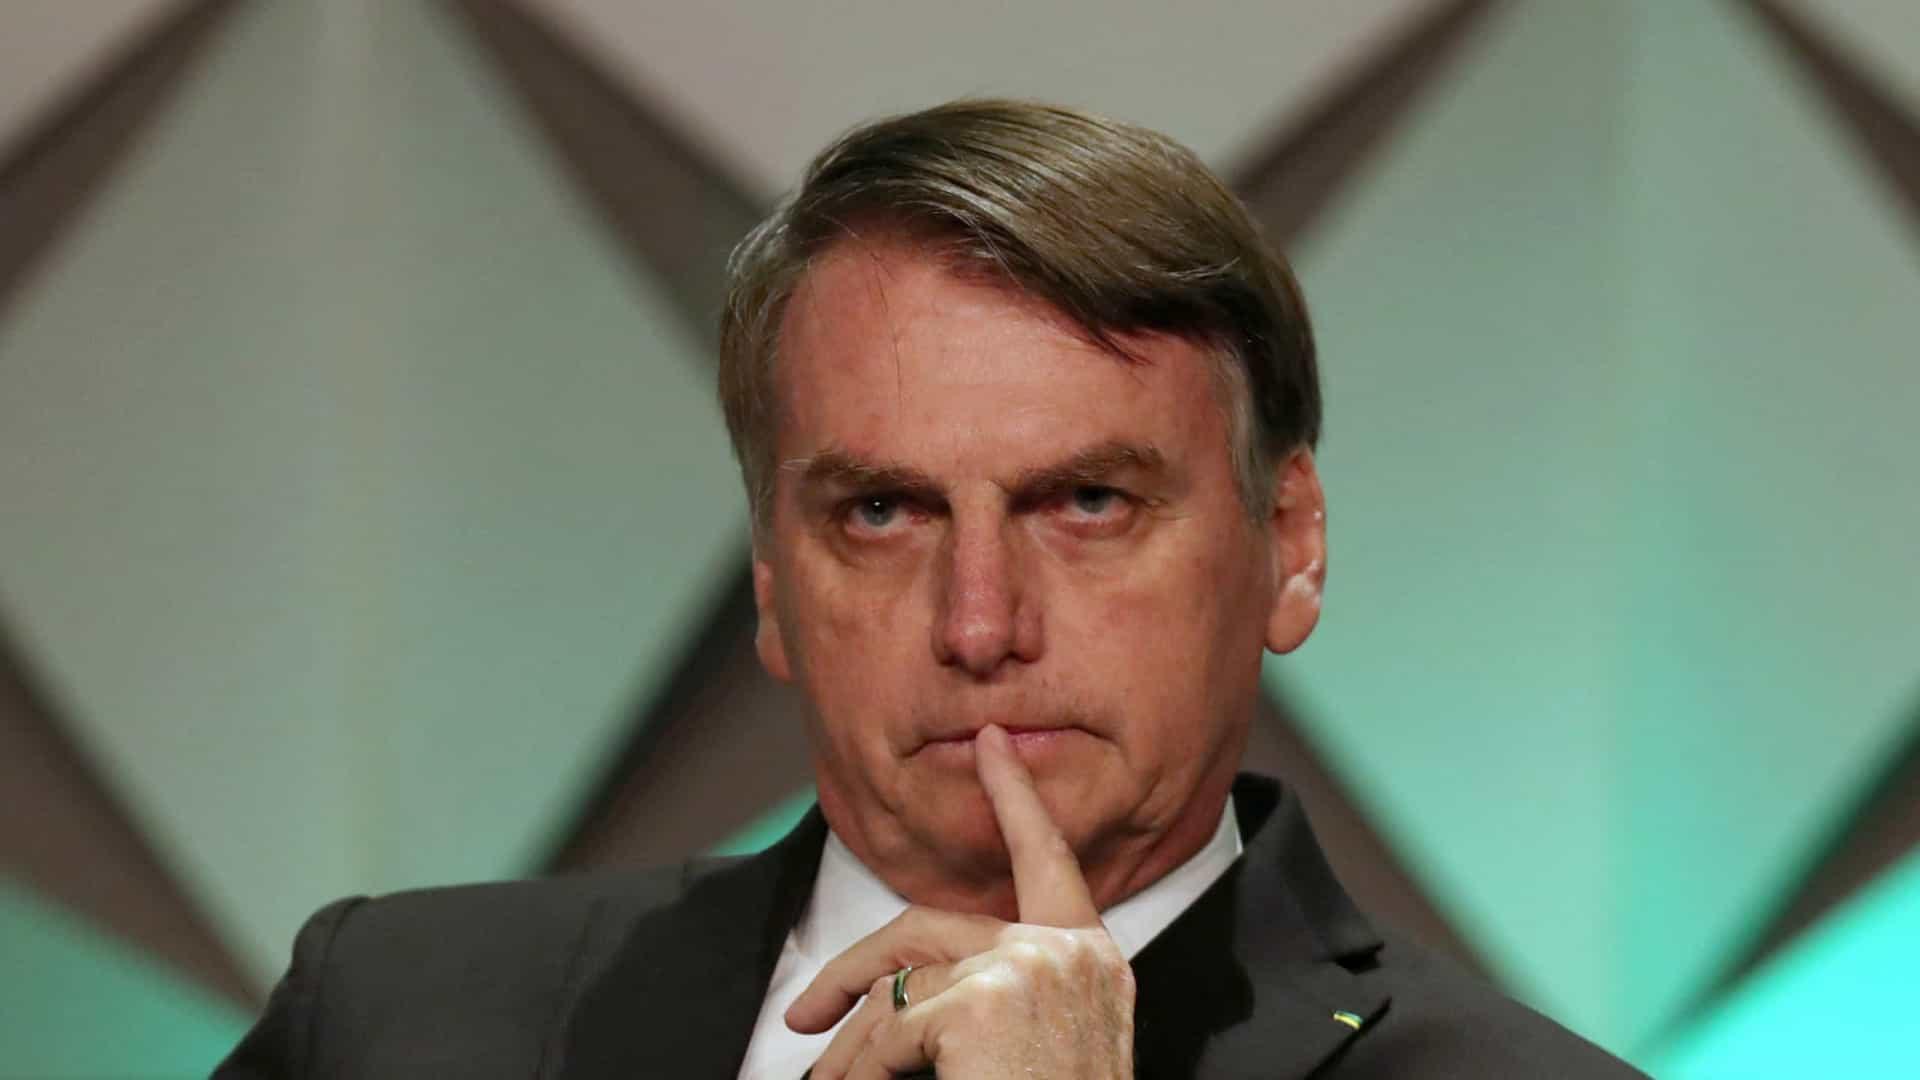 bolsonaro - Aliados de Bolsonaro vão recorrer a movimentos e a evangélicos para criar sigla